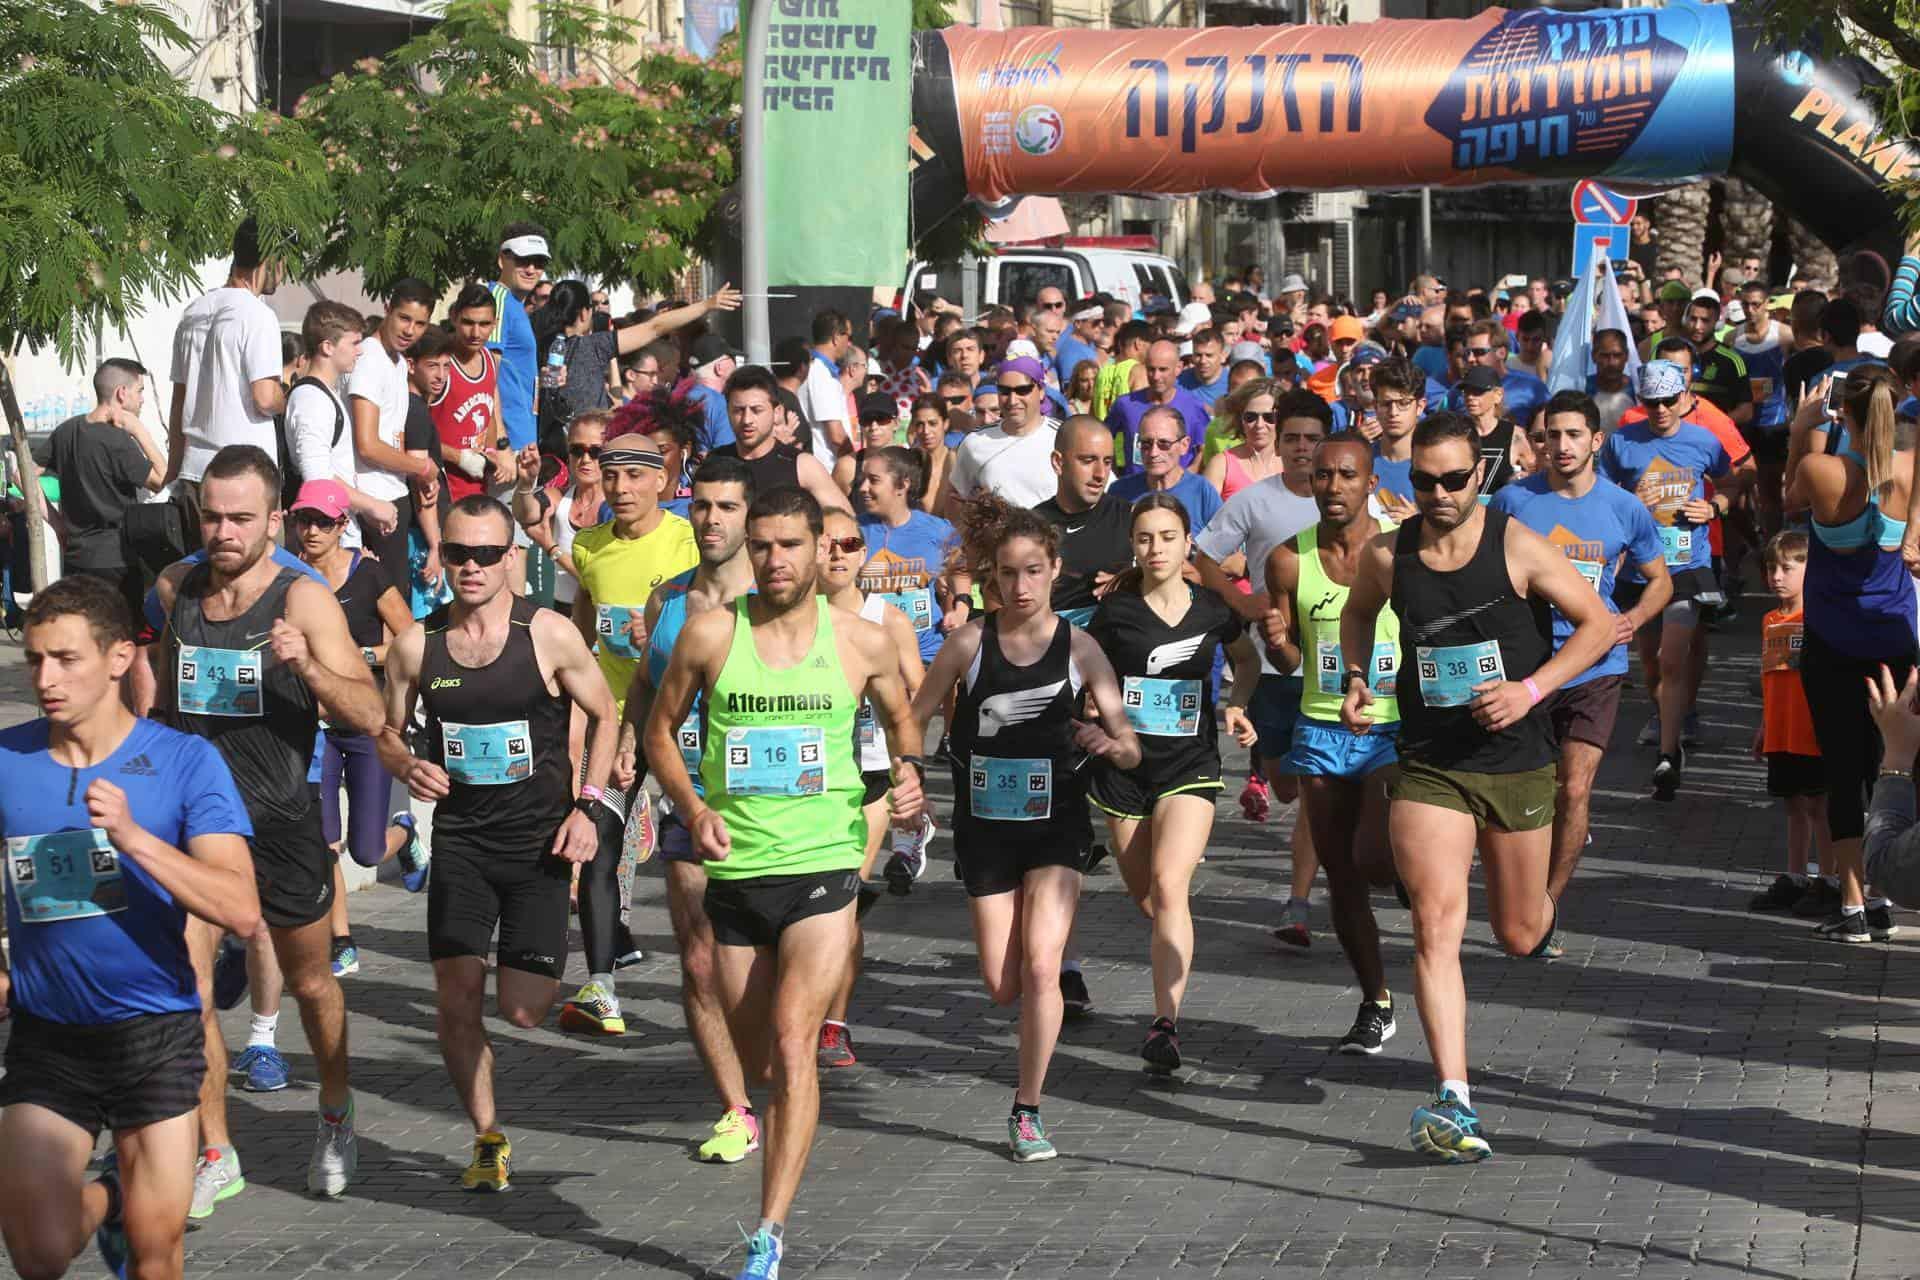 חיפה: מרוץ המדרגות הגדול בישראל בפעם השביעית !